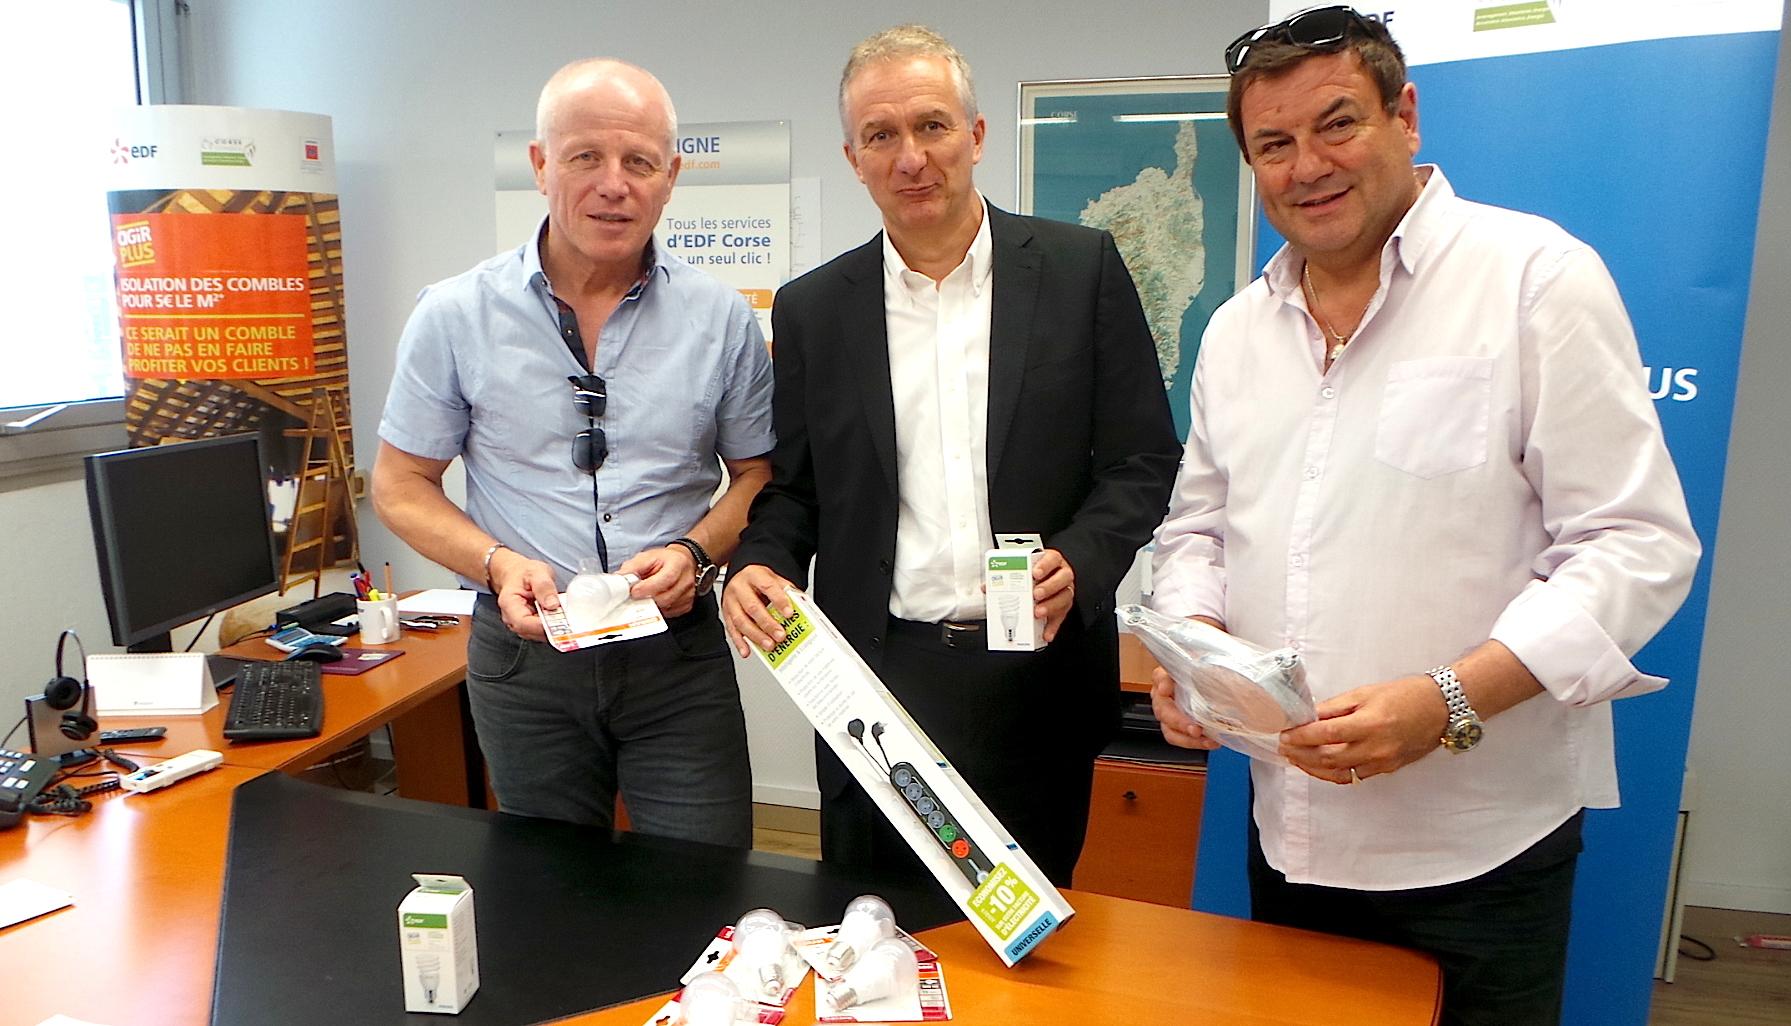 De gauche à droite : Le chef de centre d'Erilia Haute Corse, Jean-Louis Matheron, le directeur régional d'EDF, Patrick Bressot et , du Directeur Général de l'Office Public de l'Habitat de Haute Corse, Patrick Pages